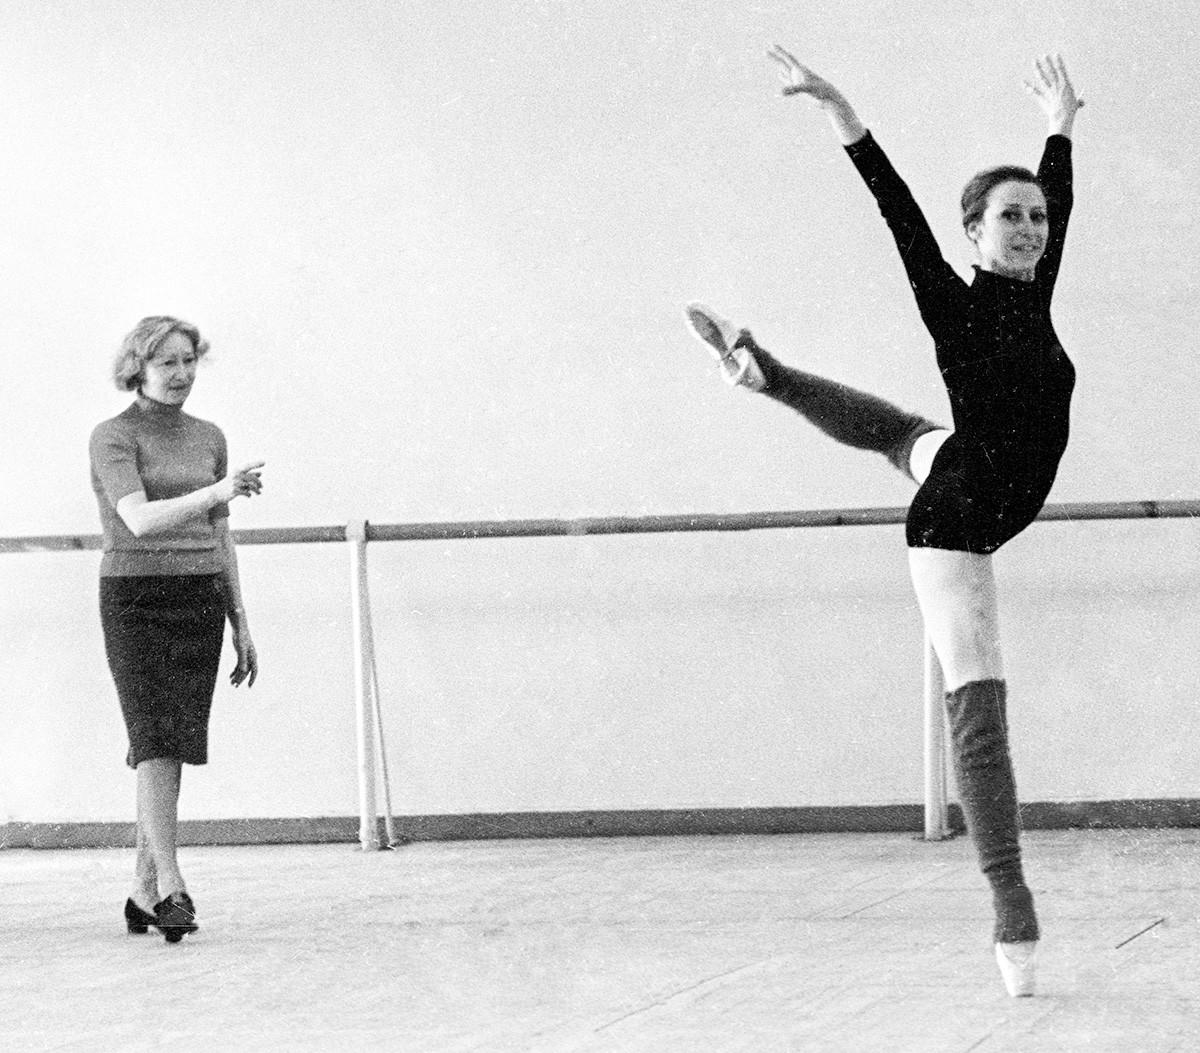 La profesora de coreografía Galina Ulánova (izquierda) y la bailarina Maya Plisétskaya (derecha) ensayando, 1969.